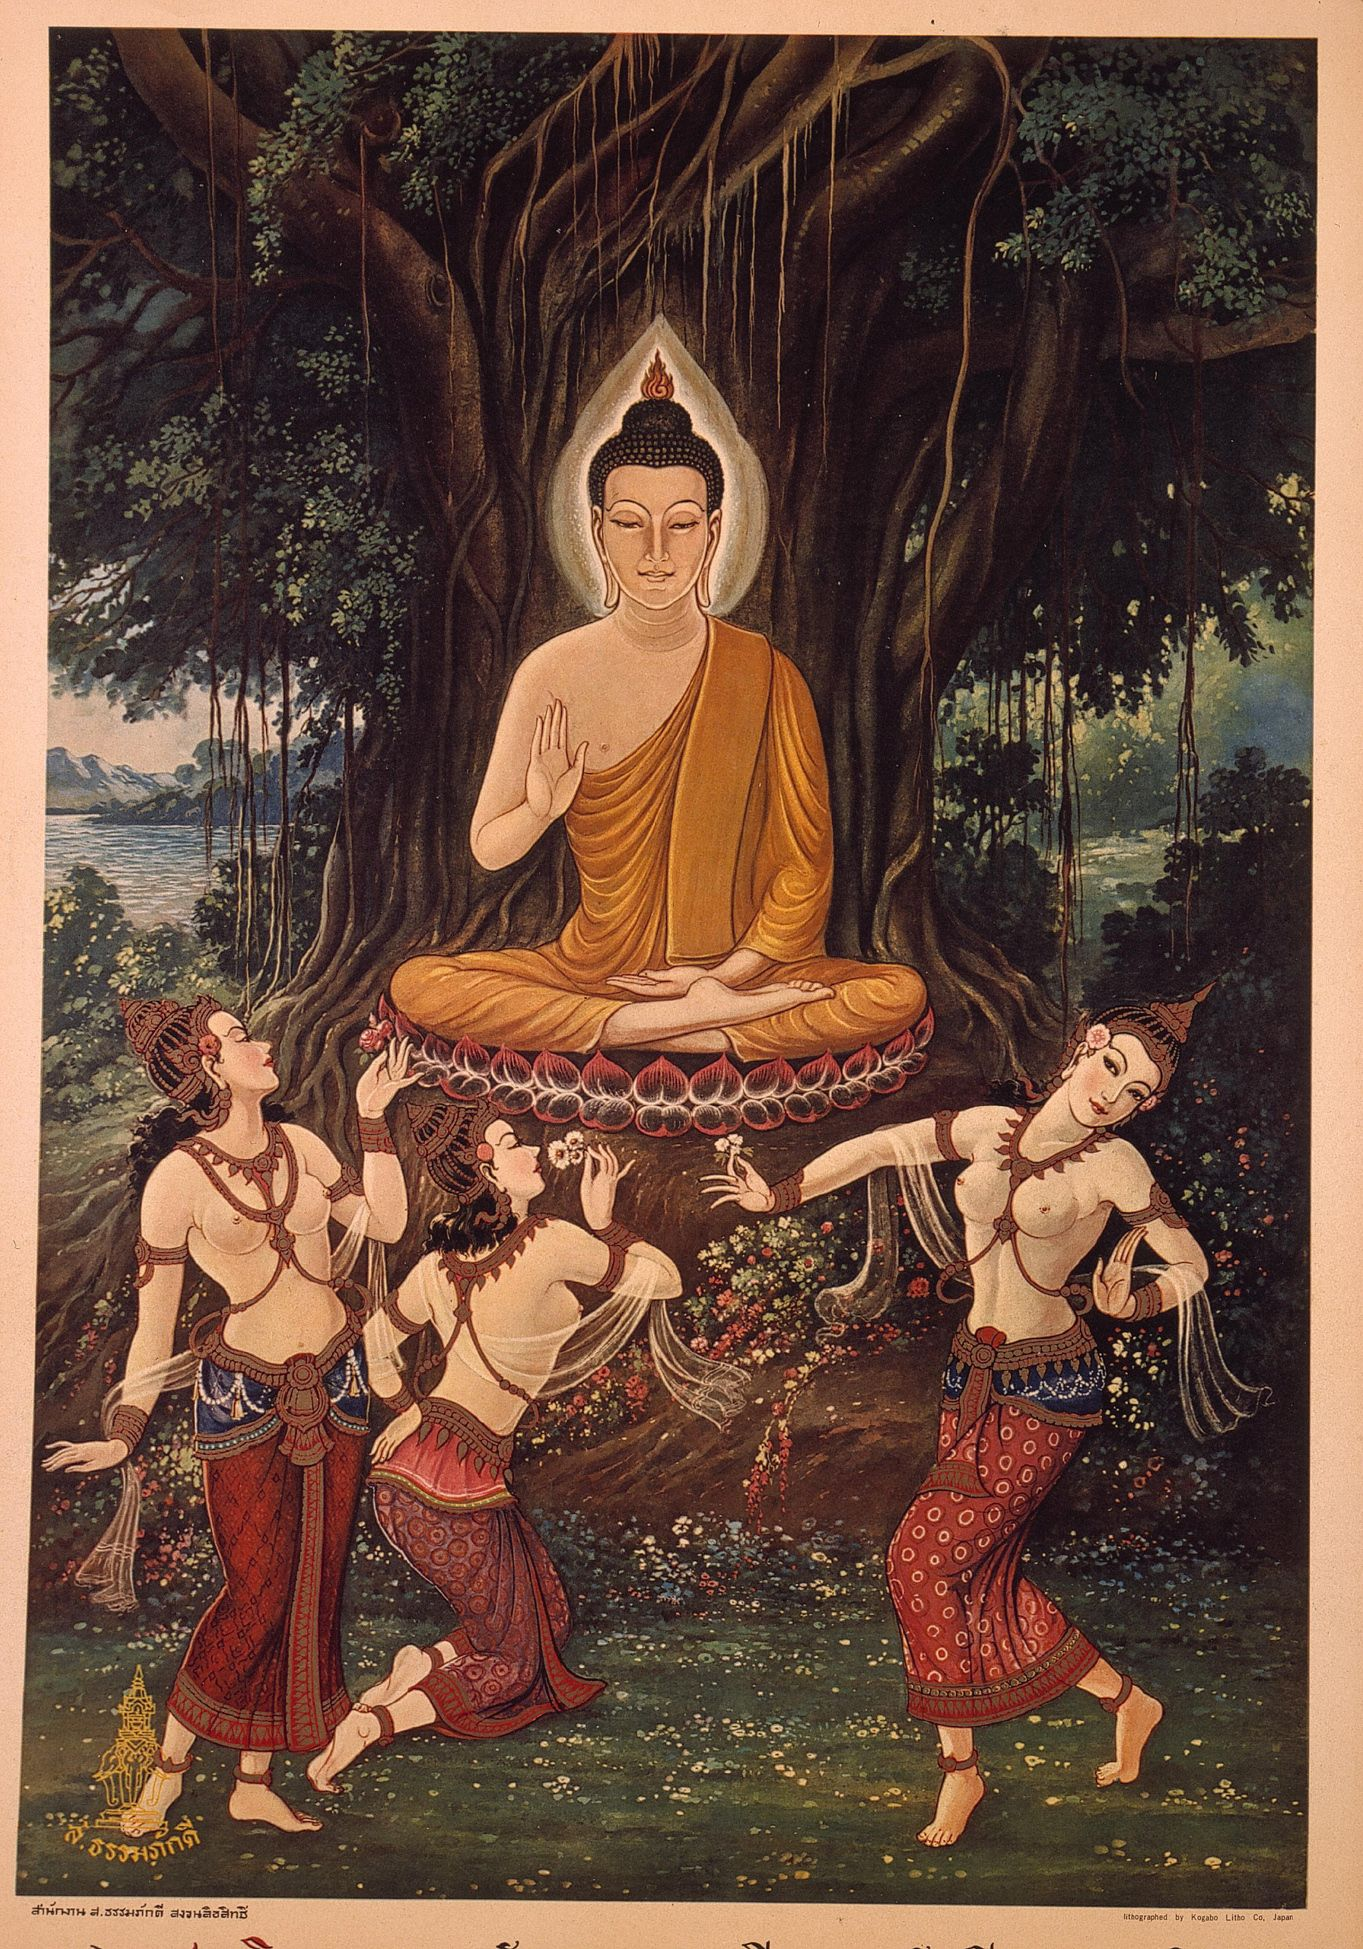 Buddhistdoor Global u2013 Your Doorway to the World of Buddhism & Buddhistdoor Global u2013 Your Doorway to the World of Buddhism ... pezcame.com